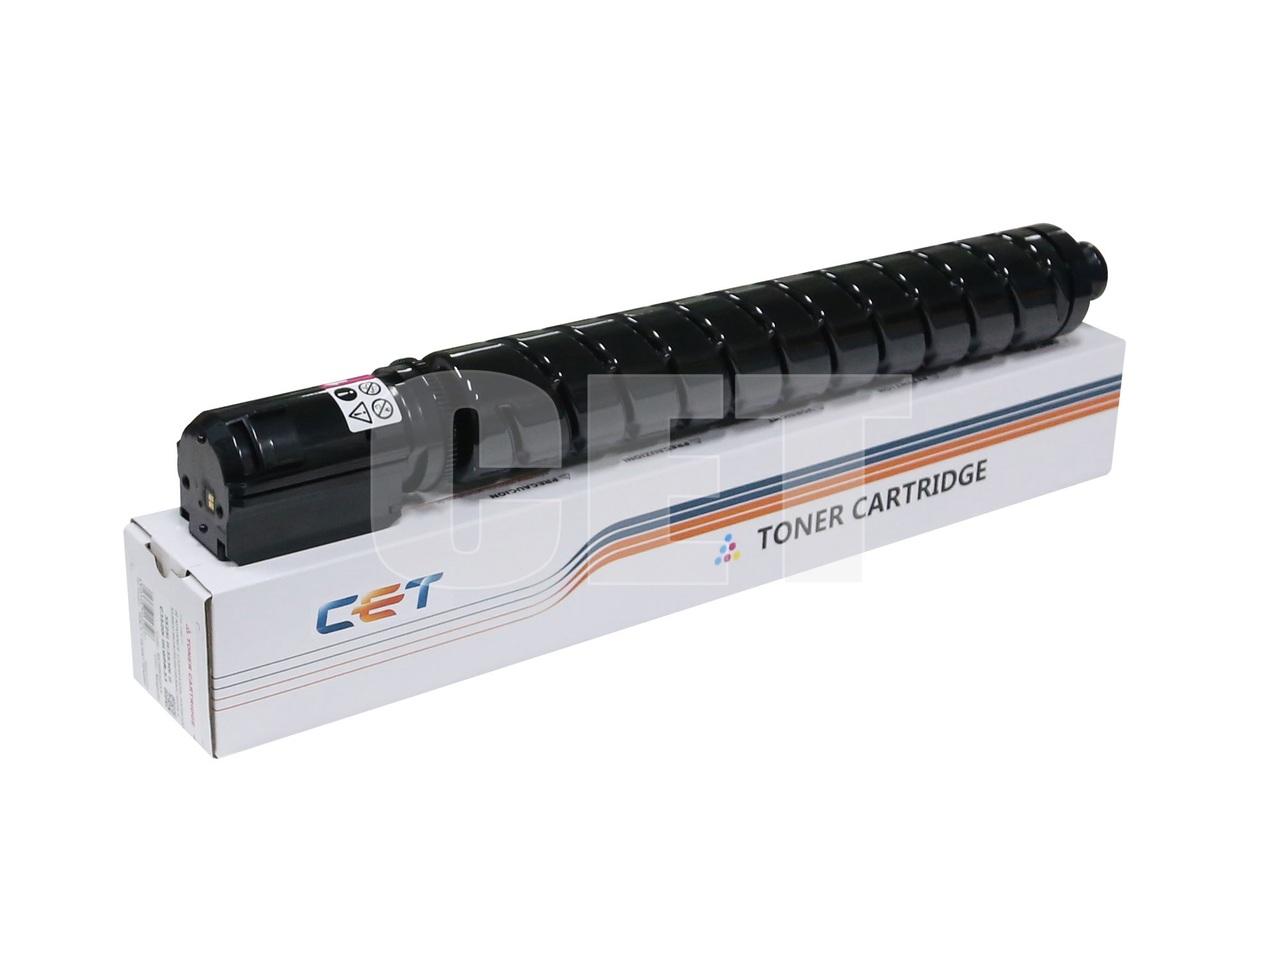 Тонер-картридж (TF8) C-EXV54 для CANON iRC3025/iRC3025i(CET) Magenta, (EUR/MEA/Afr), 207г, 8500 стр., CET141360